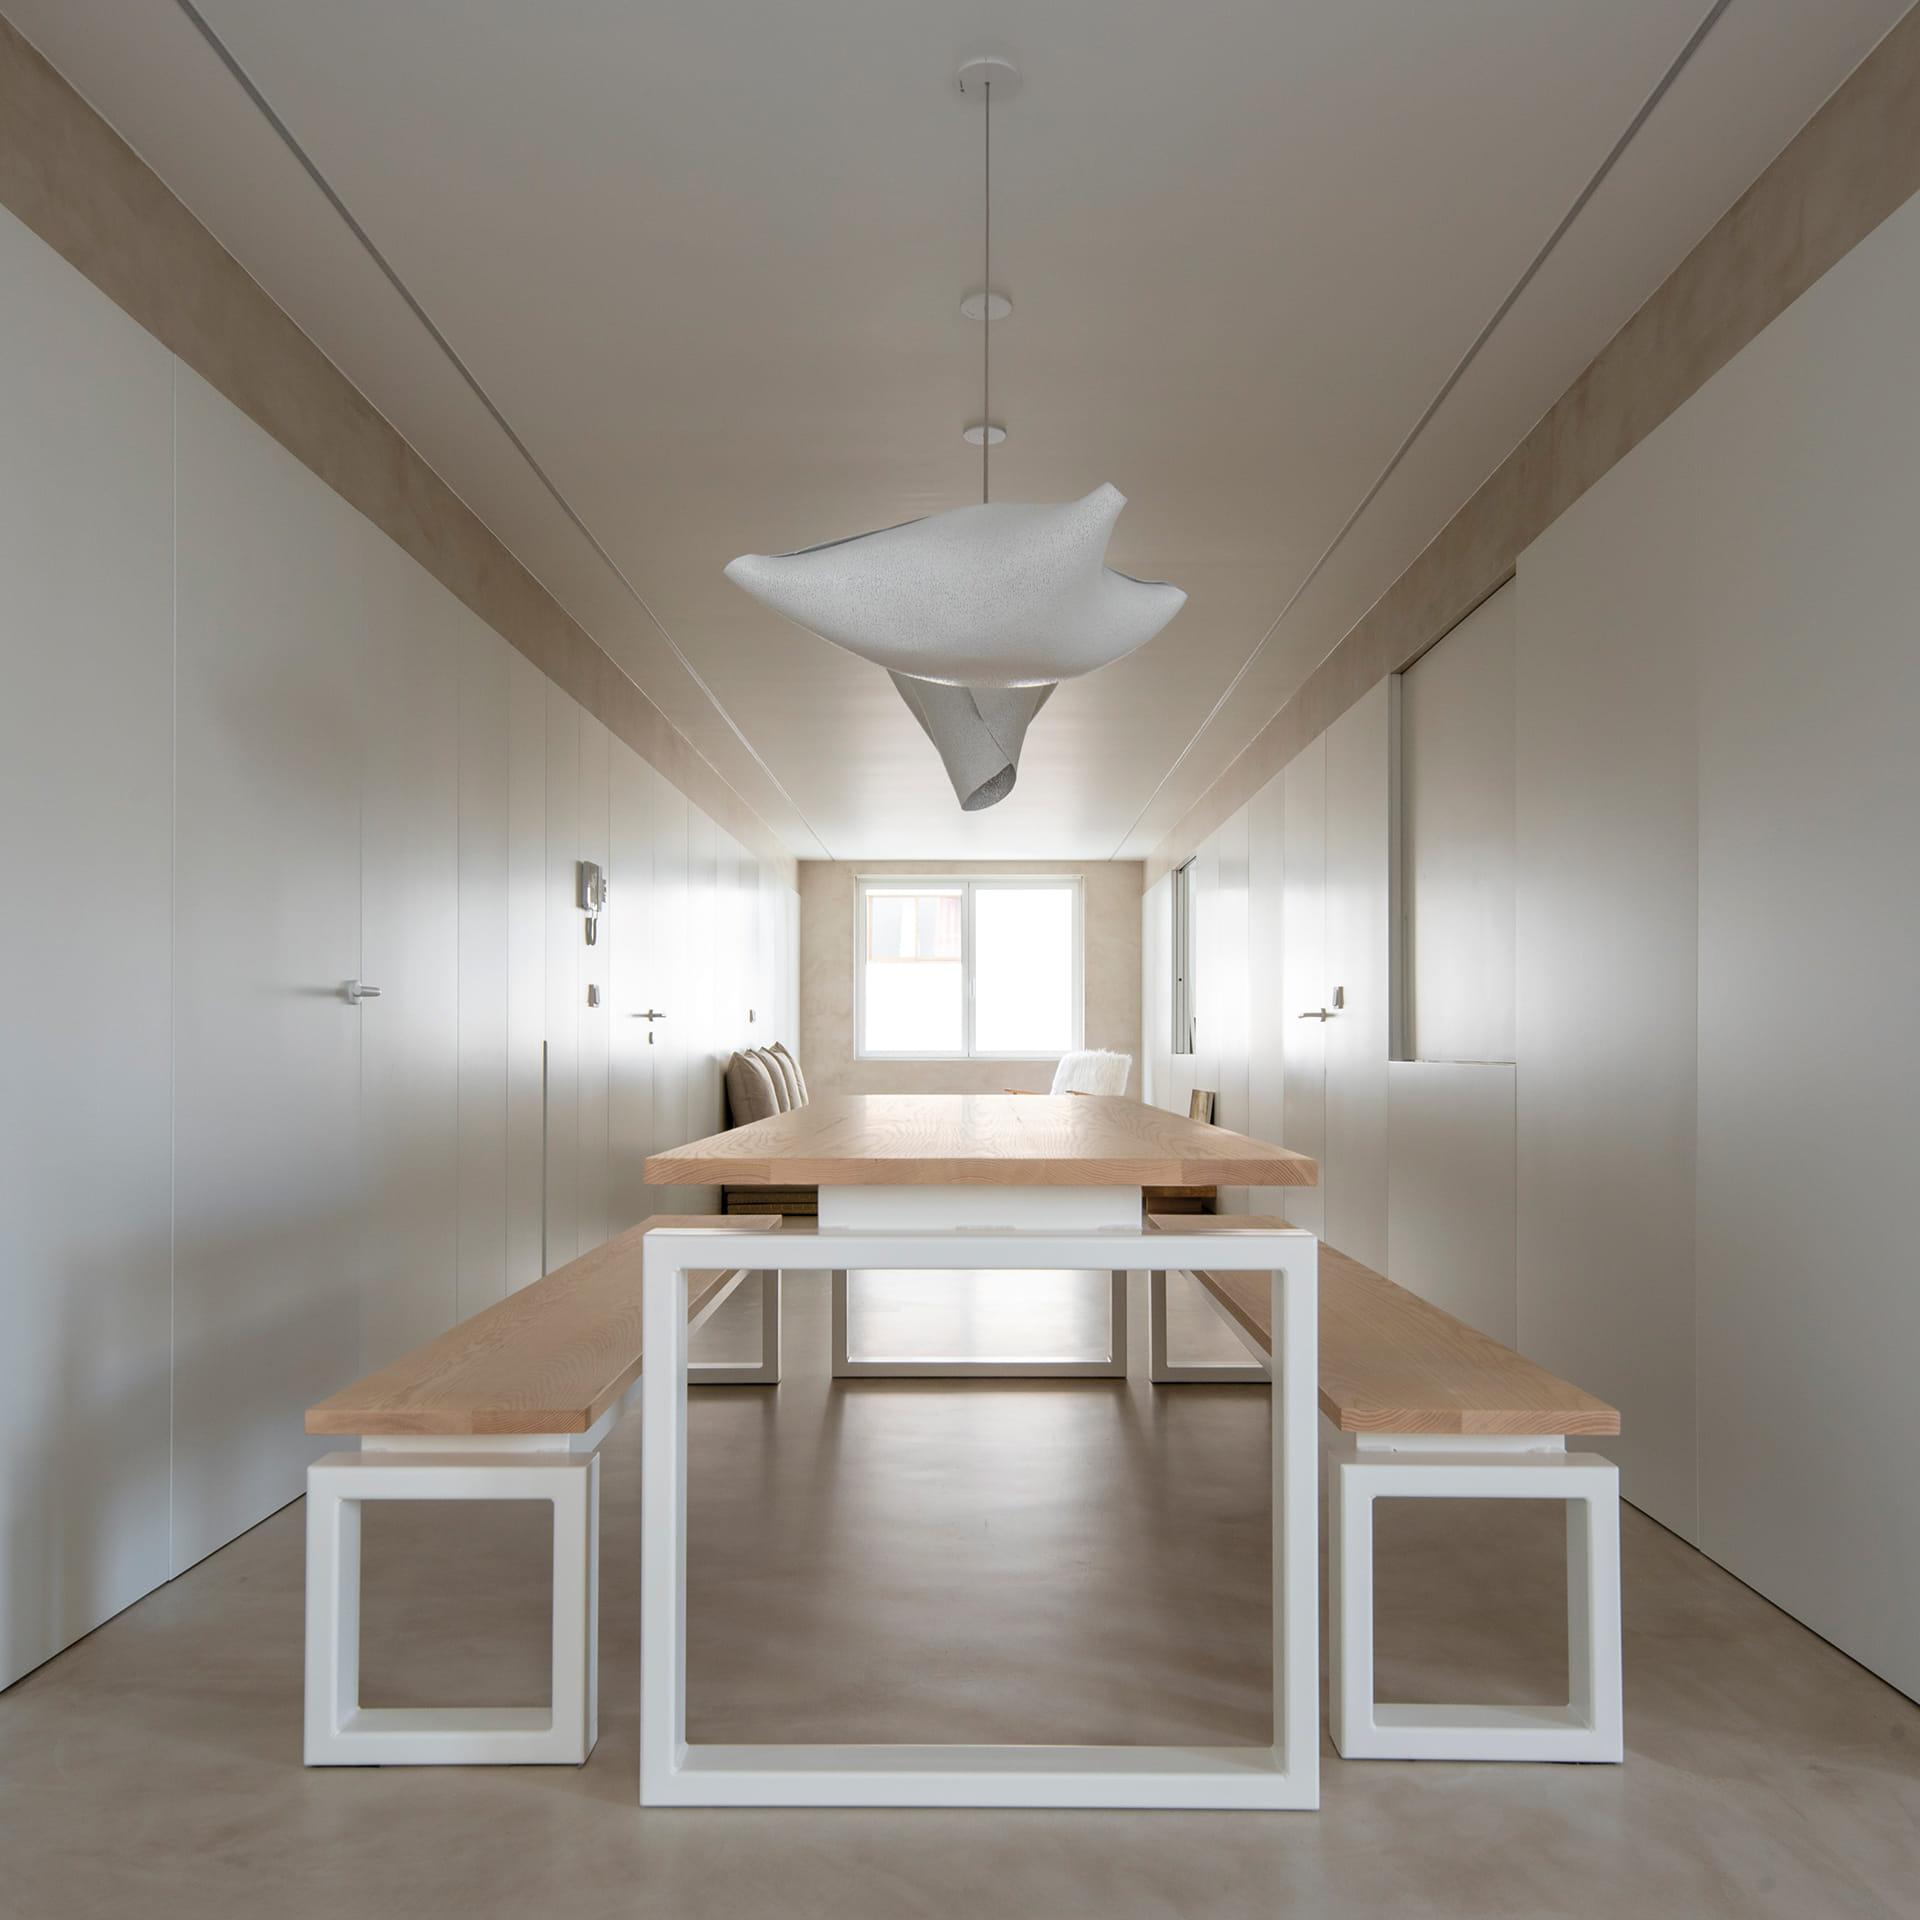 Mesa blanco y madera y lámpara de techo